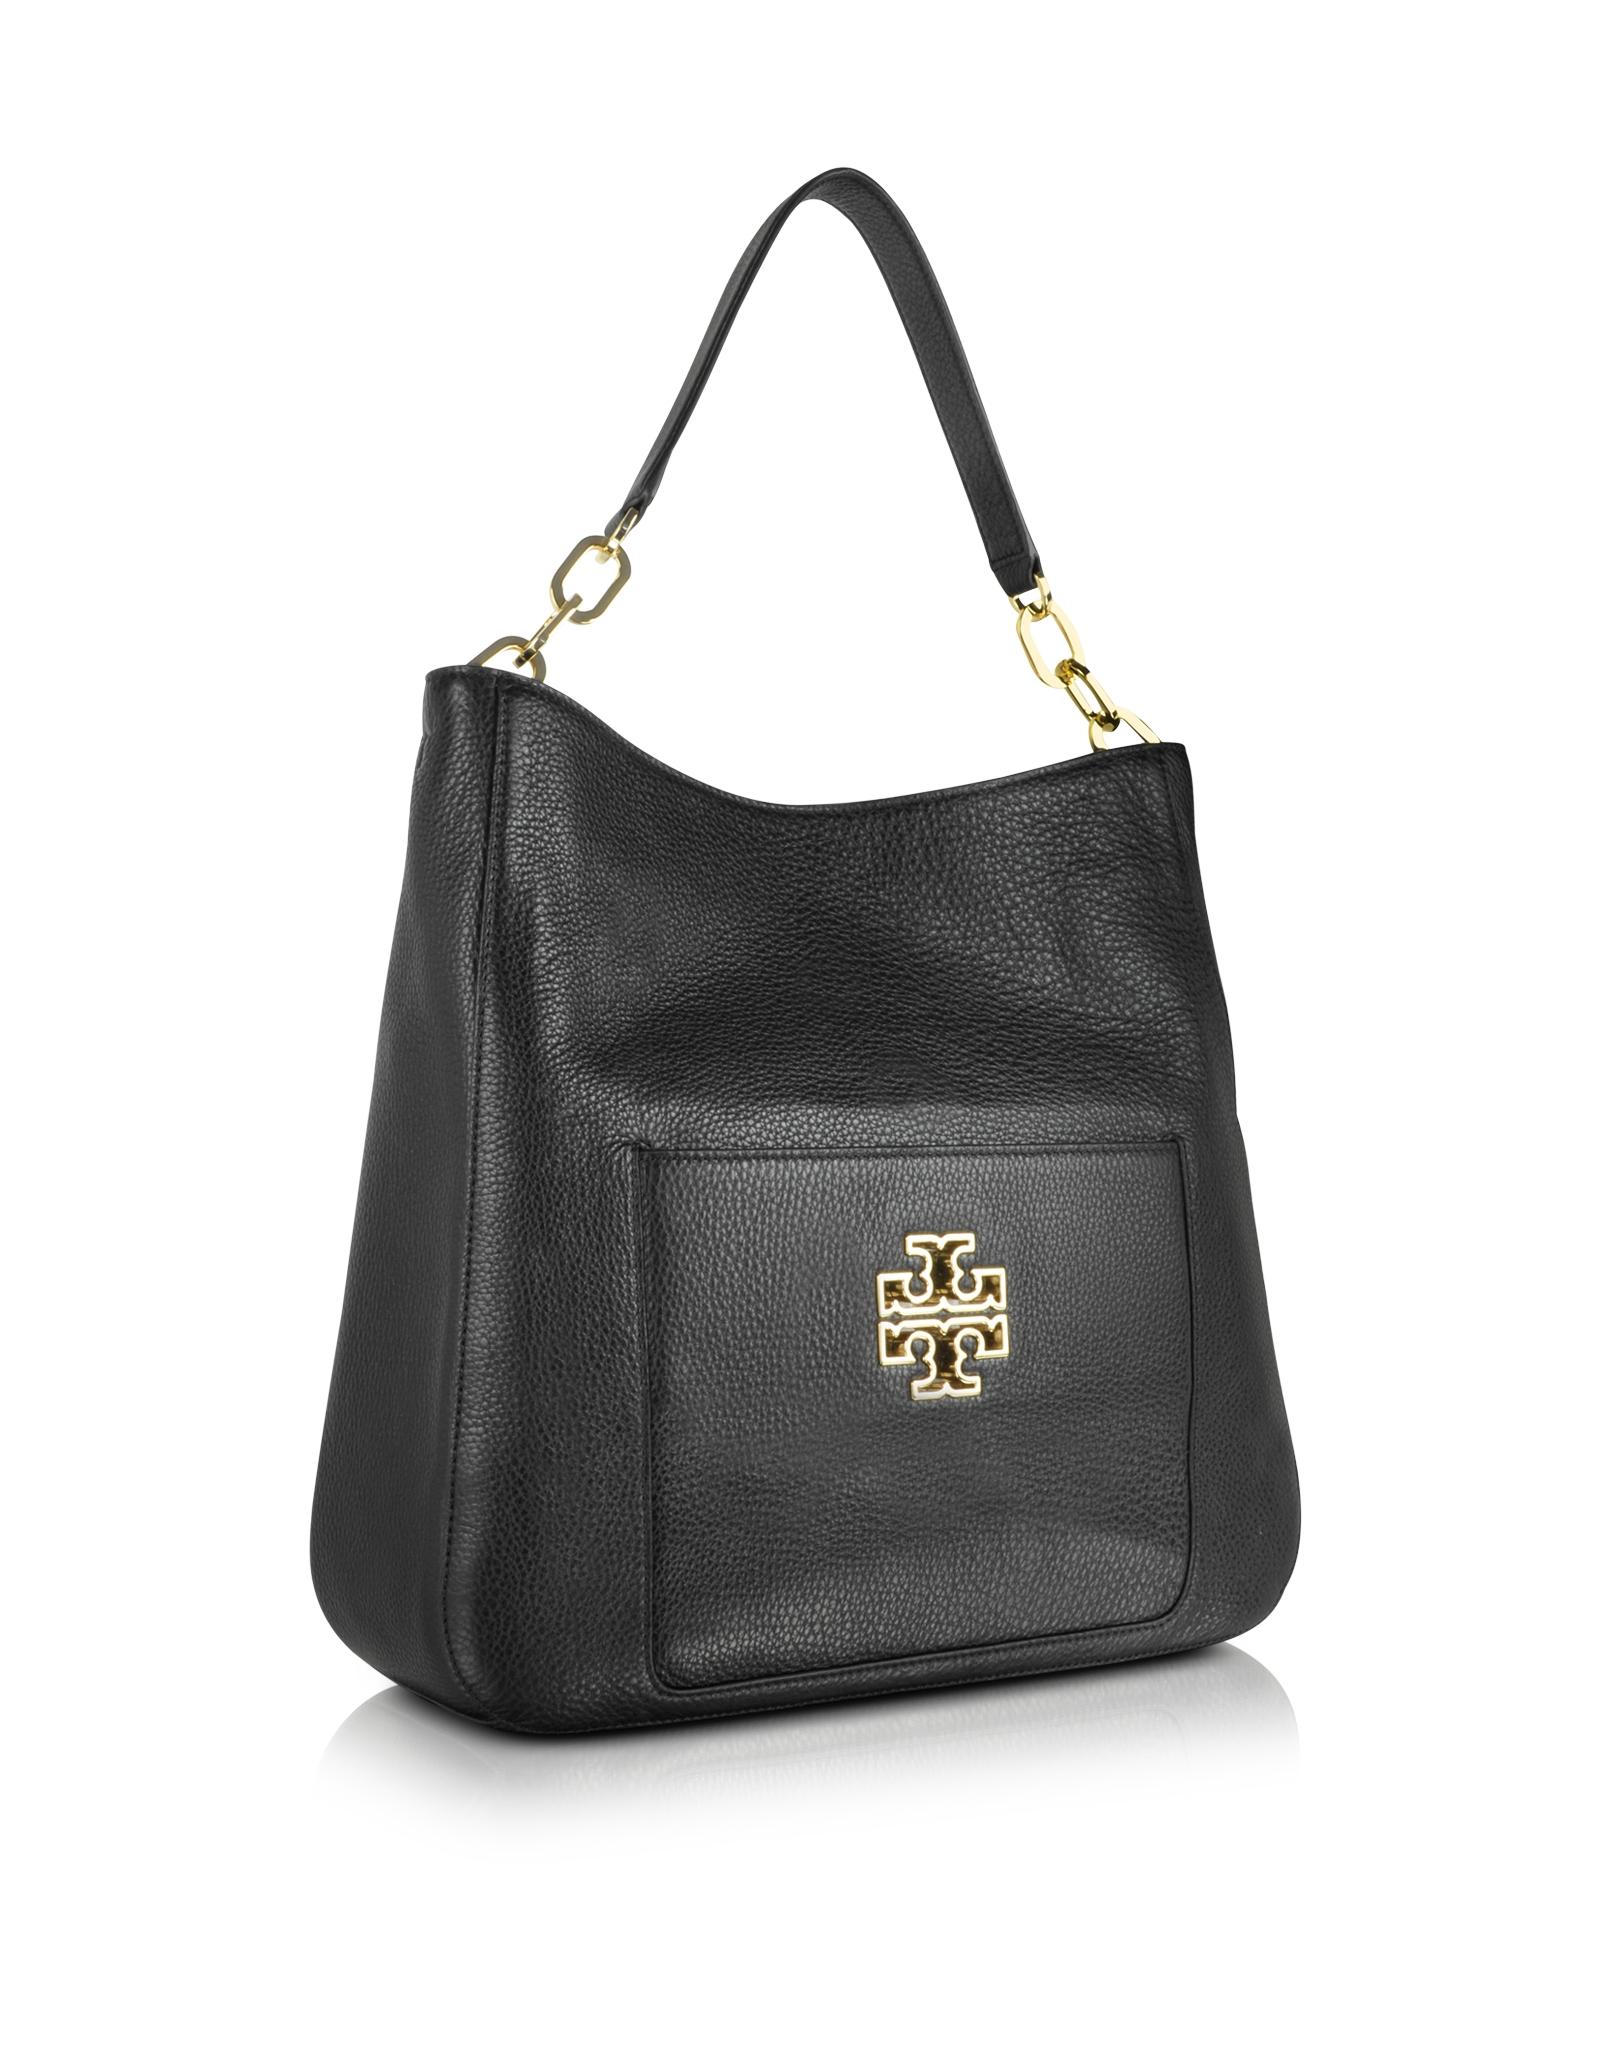 Lyst - Tory Burch Britten Leather Hobo Bag in Black 9a610e568c